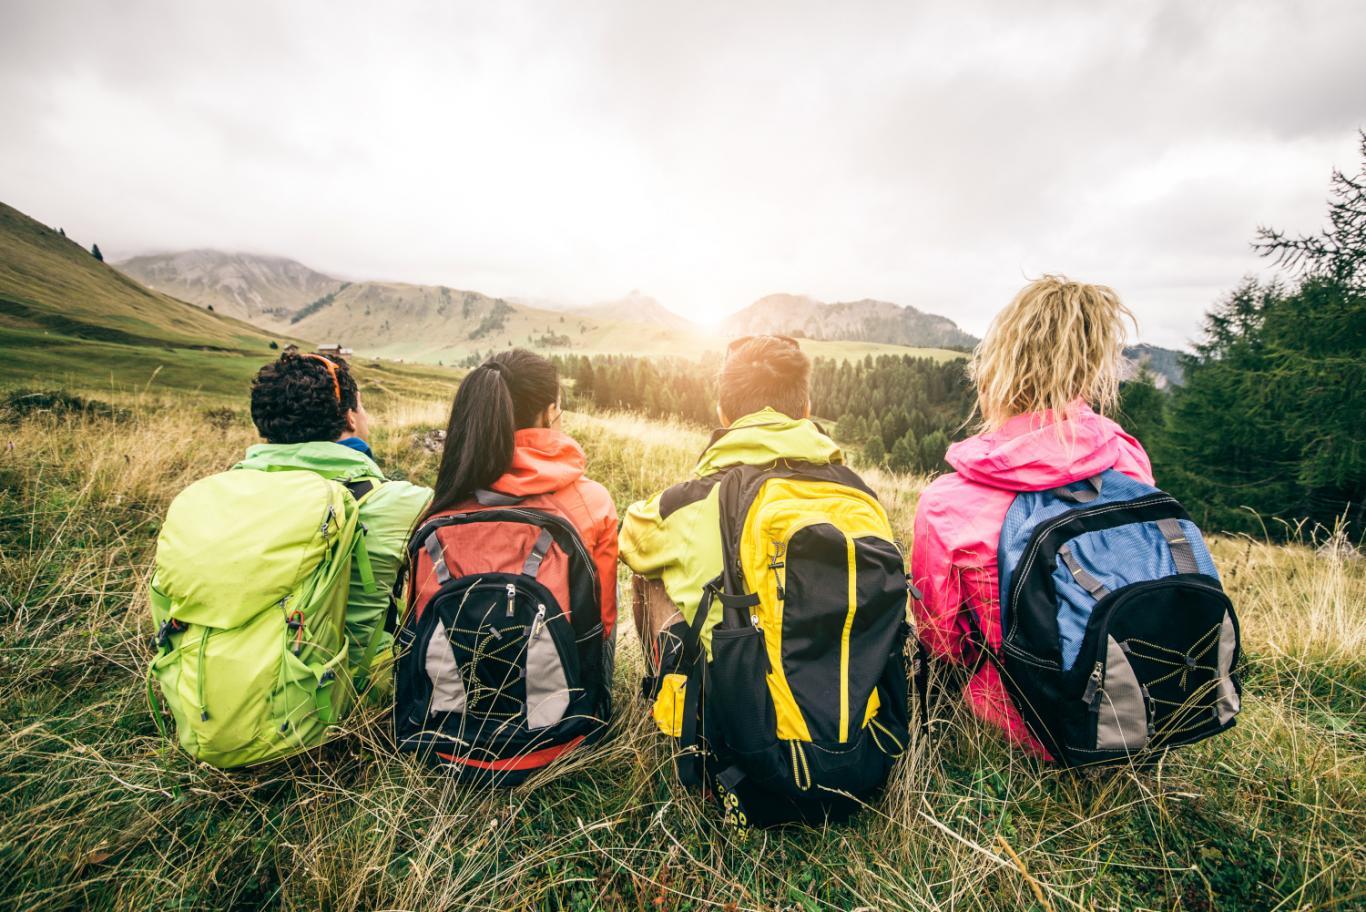 Jóvenes sentados de espaldas con mochilas